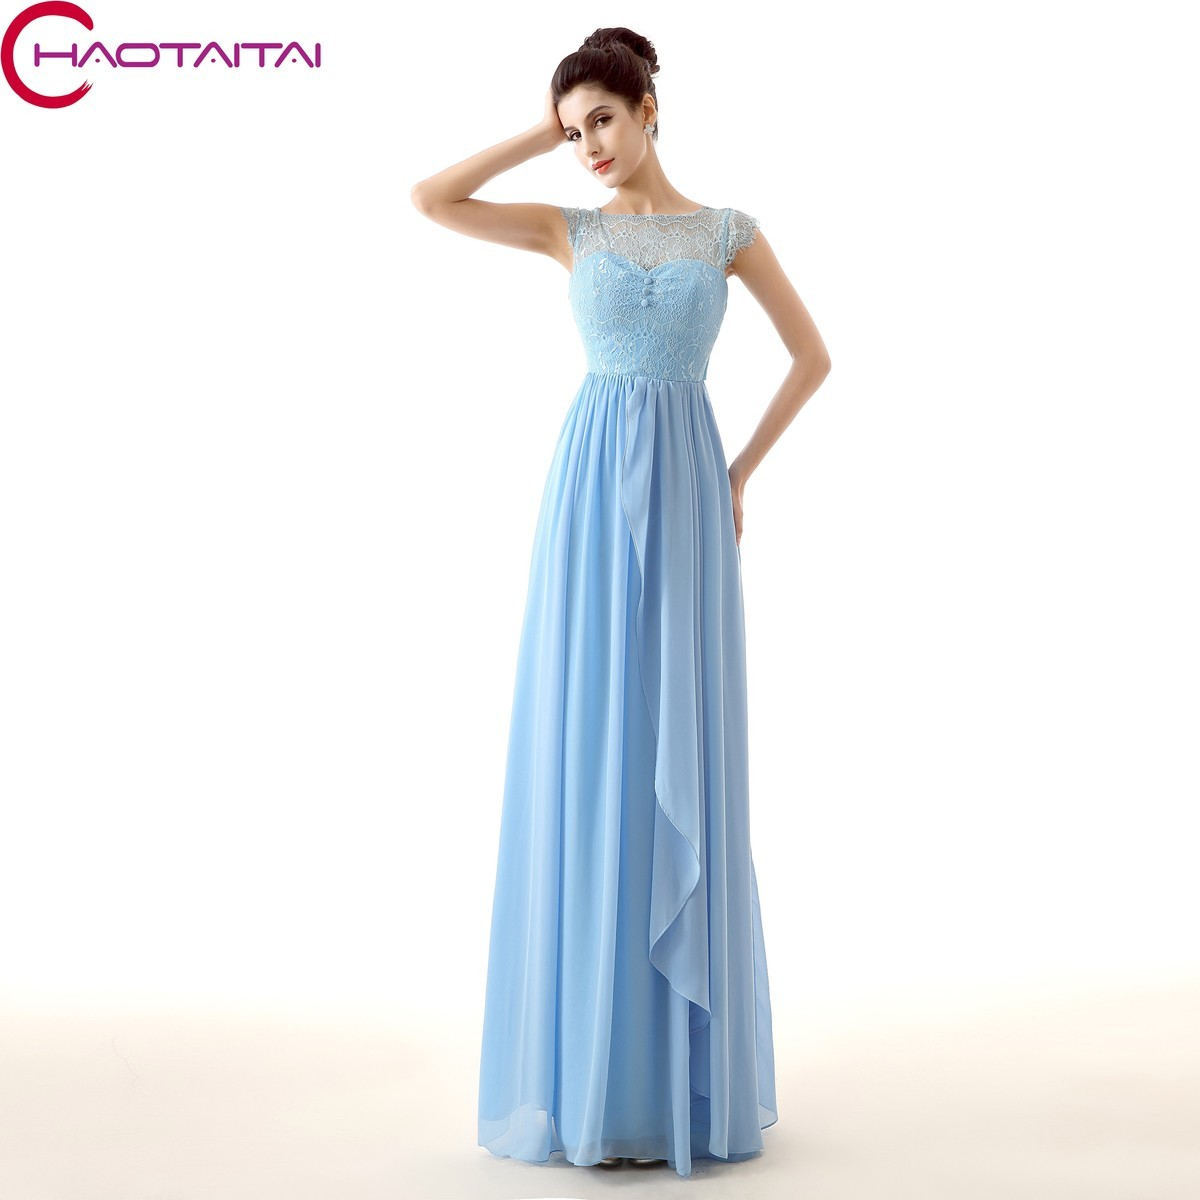 Simple Elegant Wedding Dresses With Sleeves: Natural Simple Elegant 2018 Blue Bridesmaid Dresses With